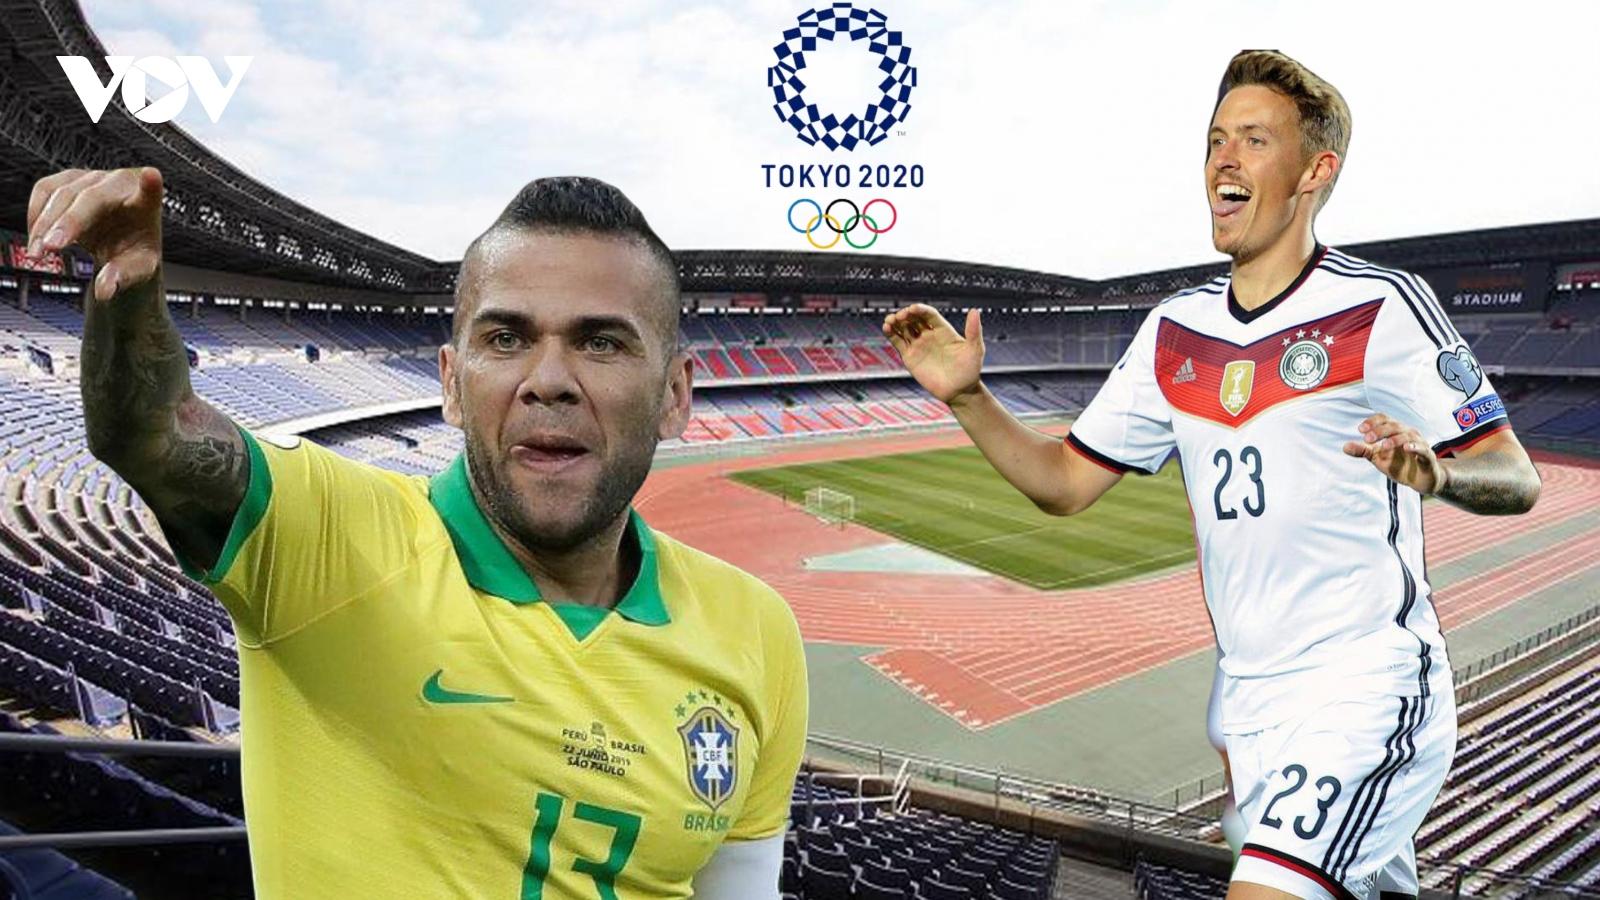 Dự đoán kết quả, đội hình xuất phát trận Olympic Brazil - Olympic Đức